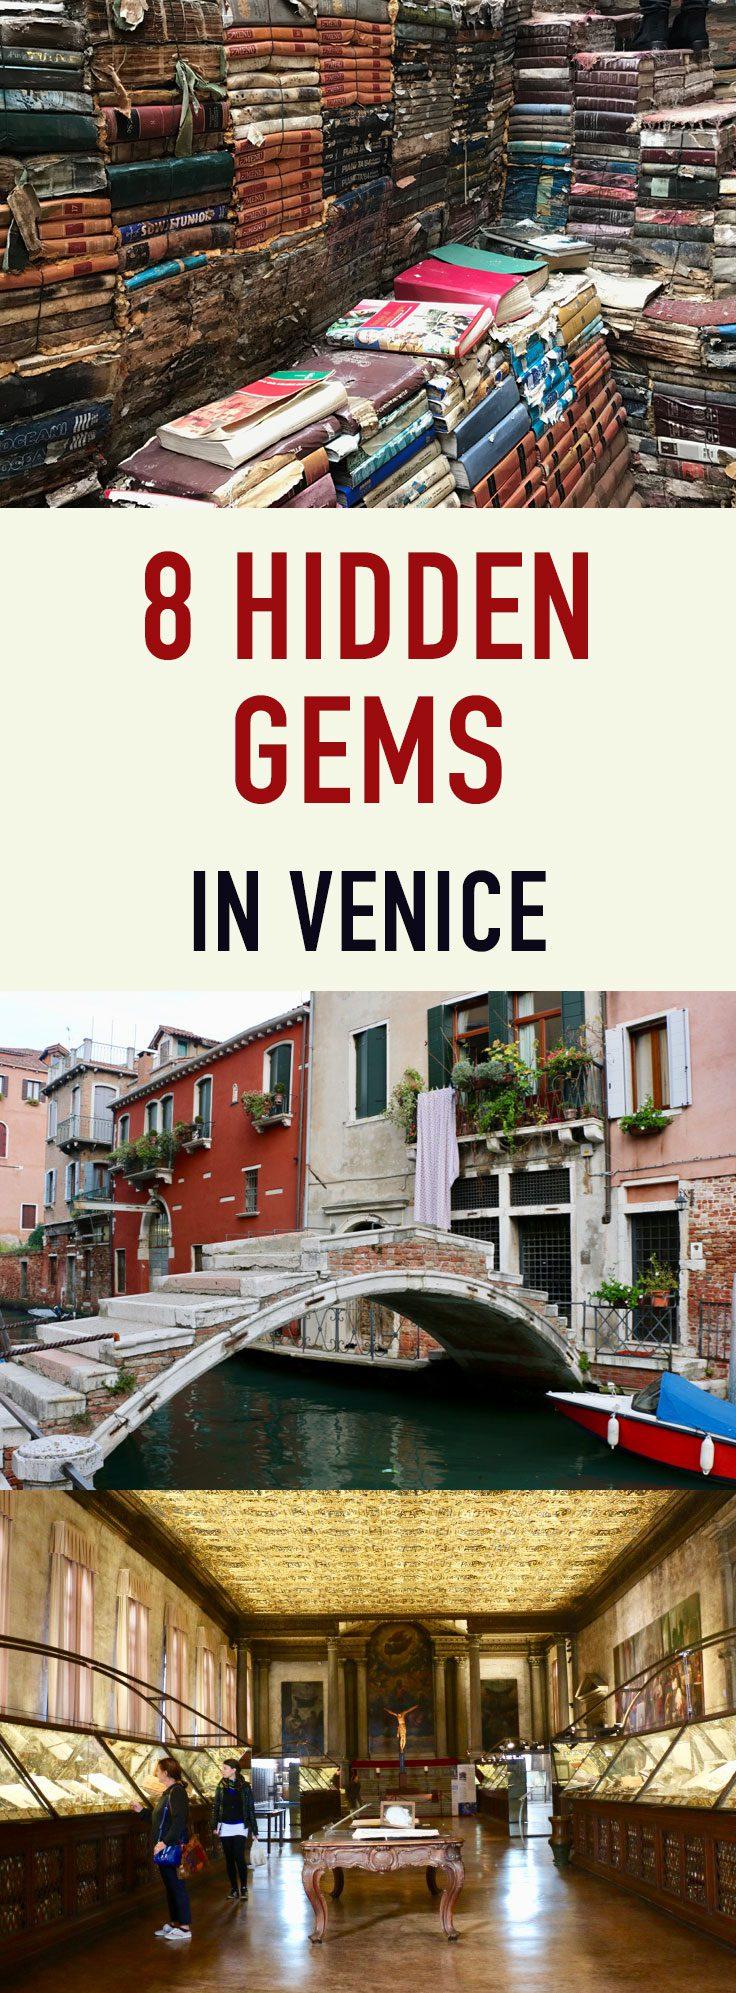 8 Hidden Gems in Venice